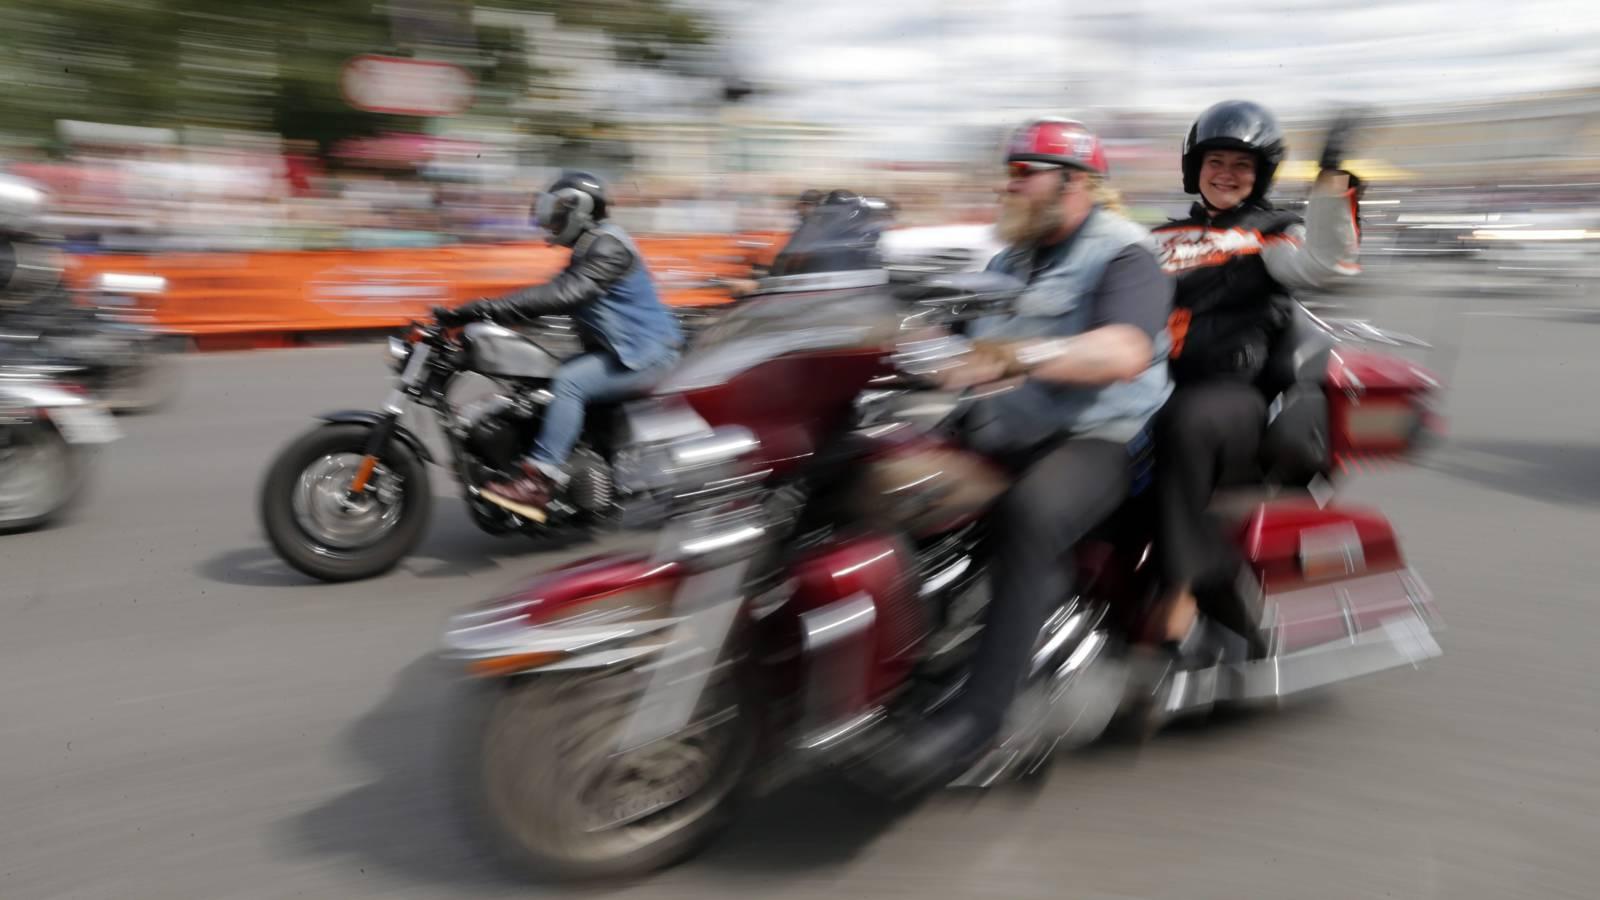 Harley Davidson rijders dating site Hoe te breken met iemand online dating